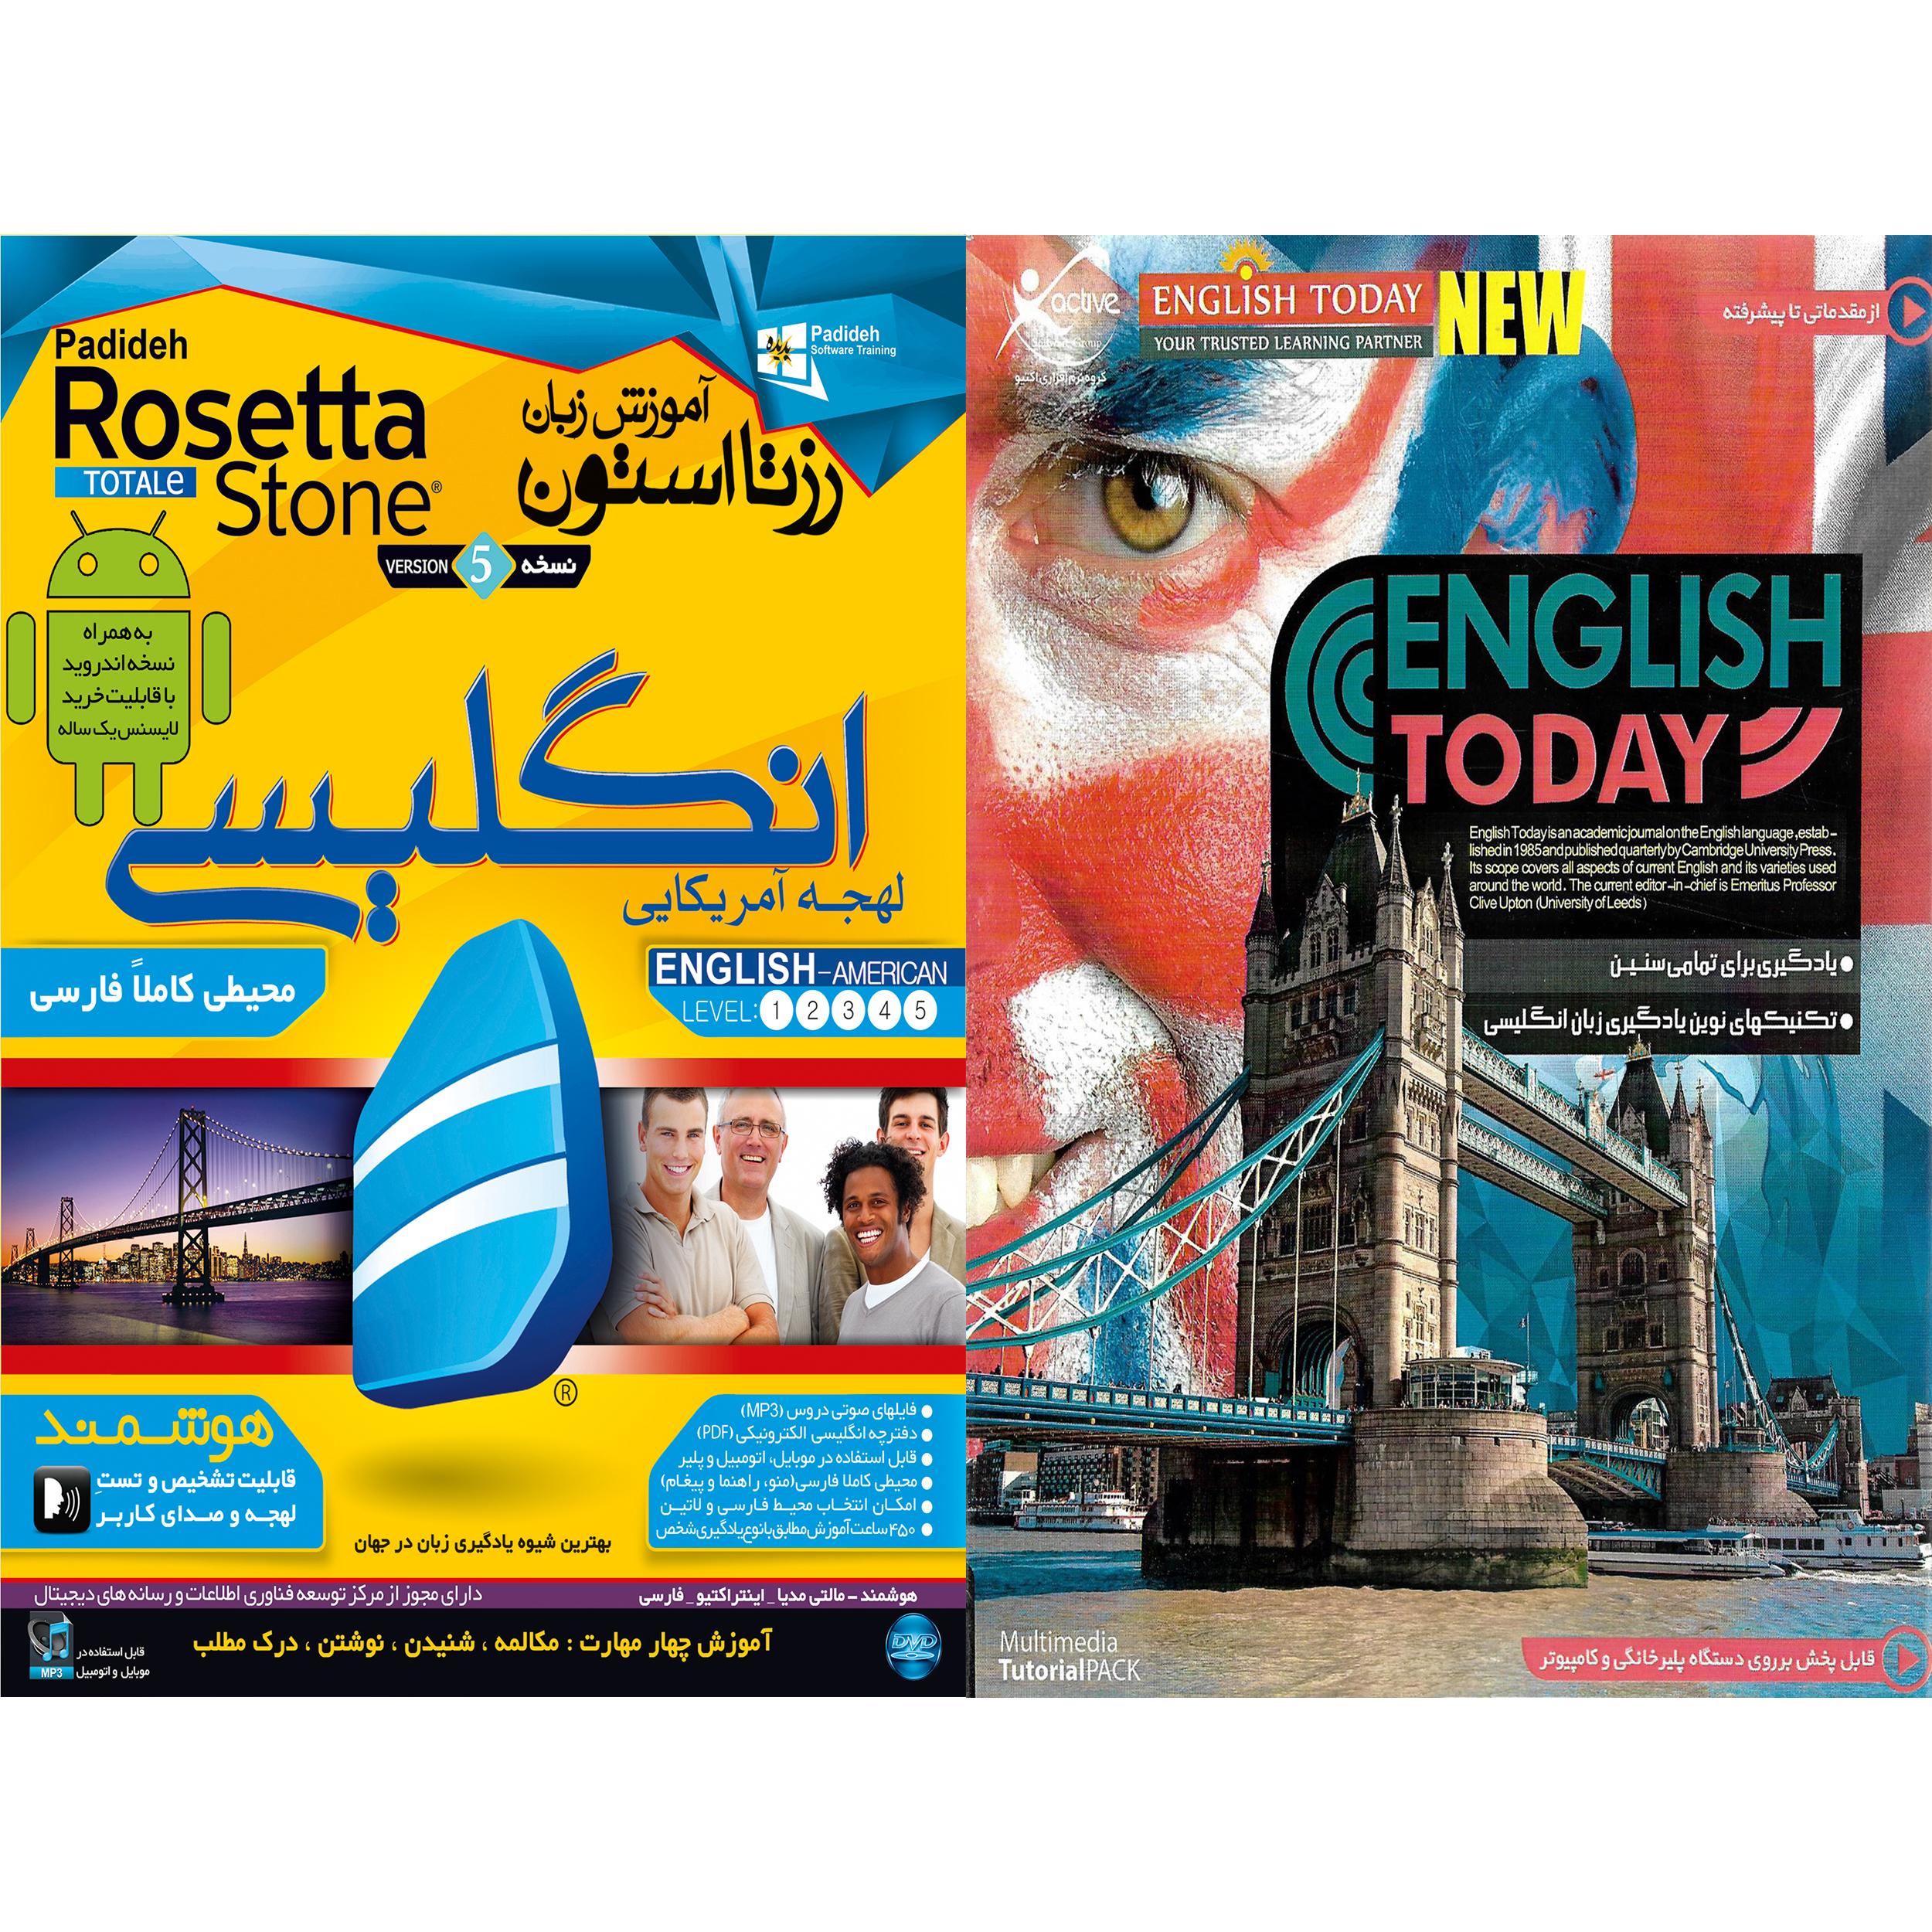 نرم افزار آموزش زبان ENGLISH TODAY نشر اکتیو به همراه نرم افزار آموزش زبان انگلیسی لهجه امریکایی نشر پدیده